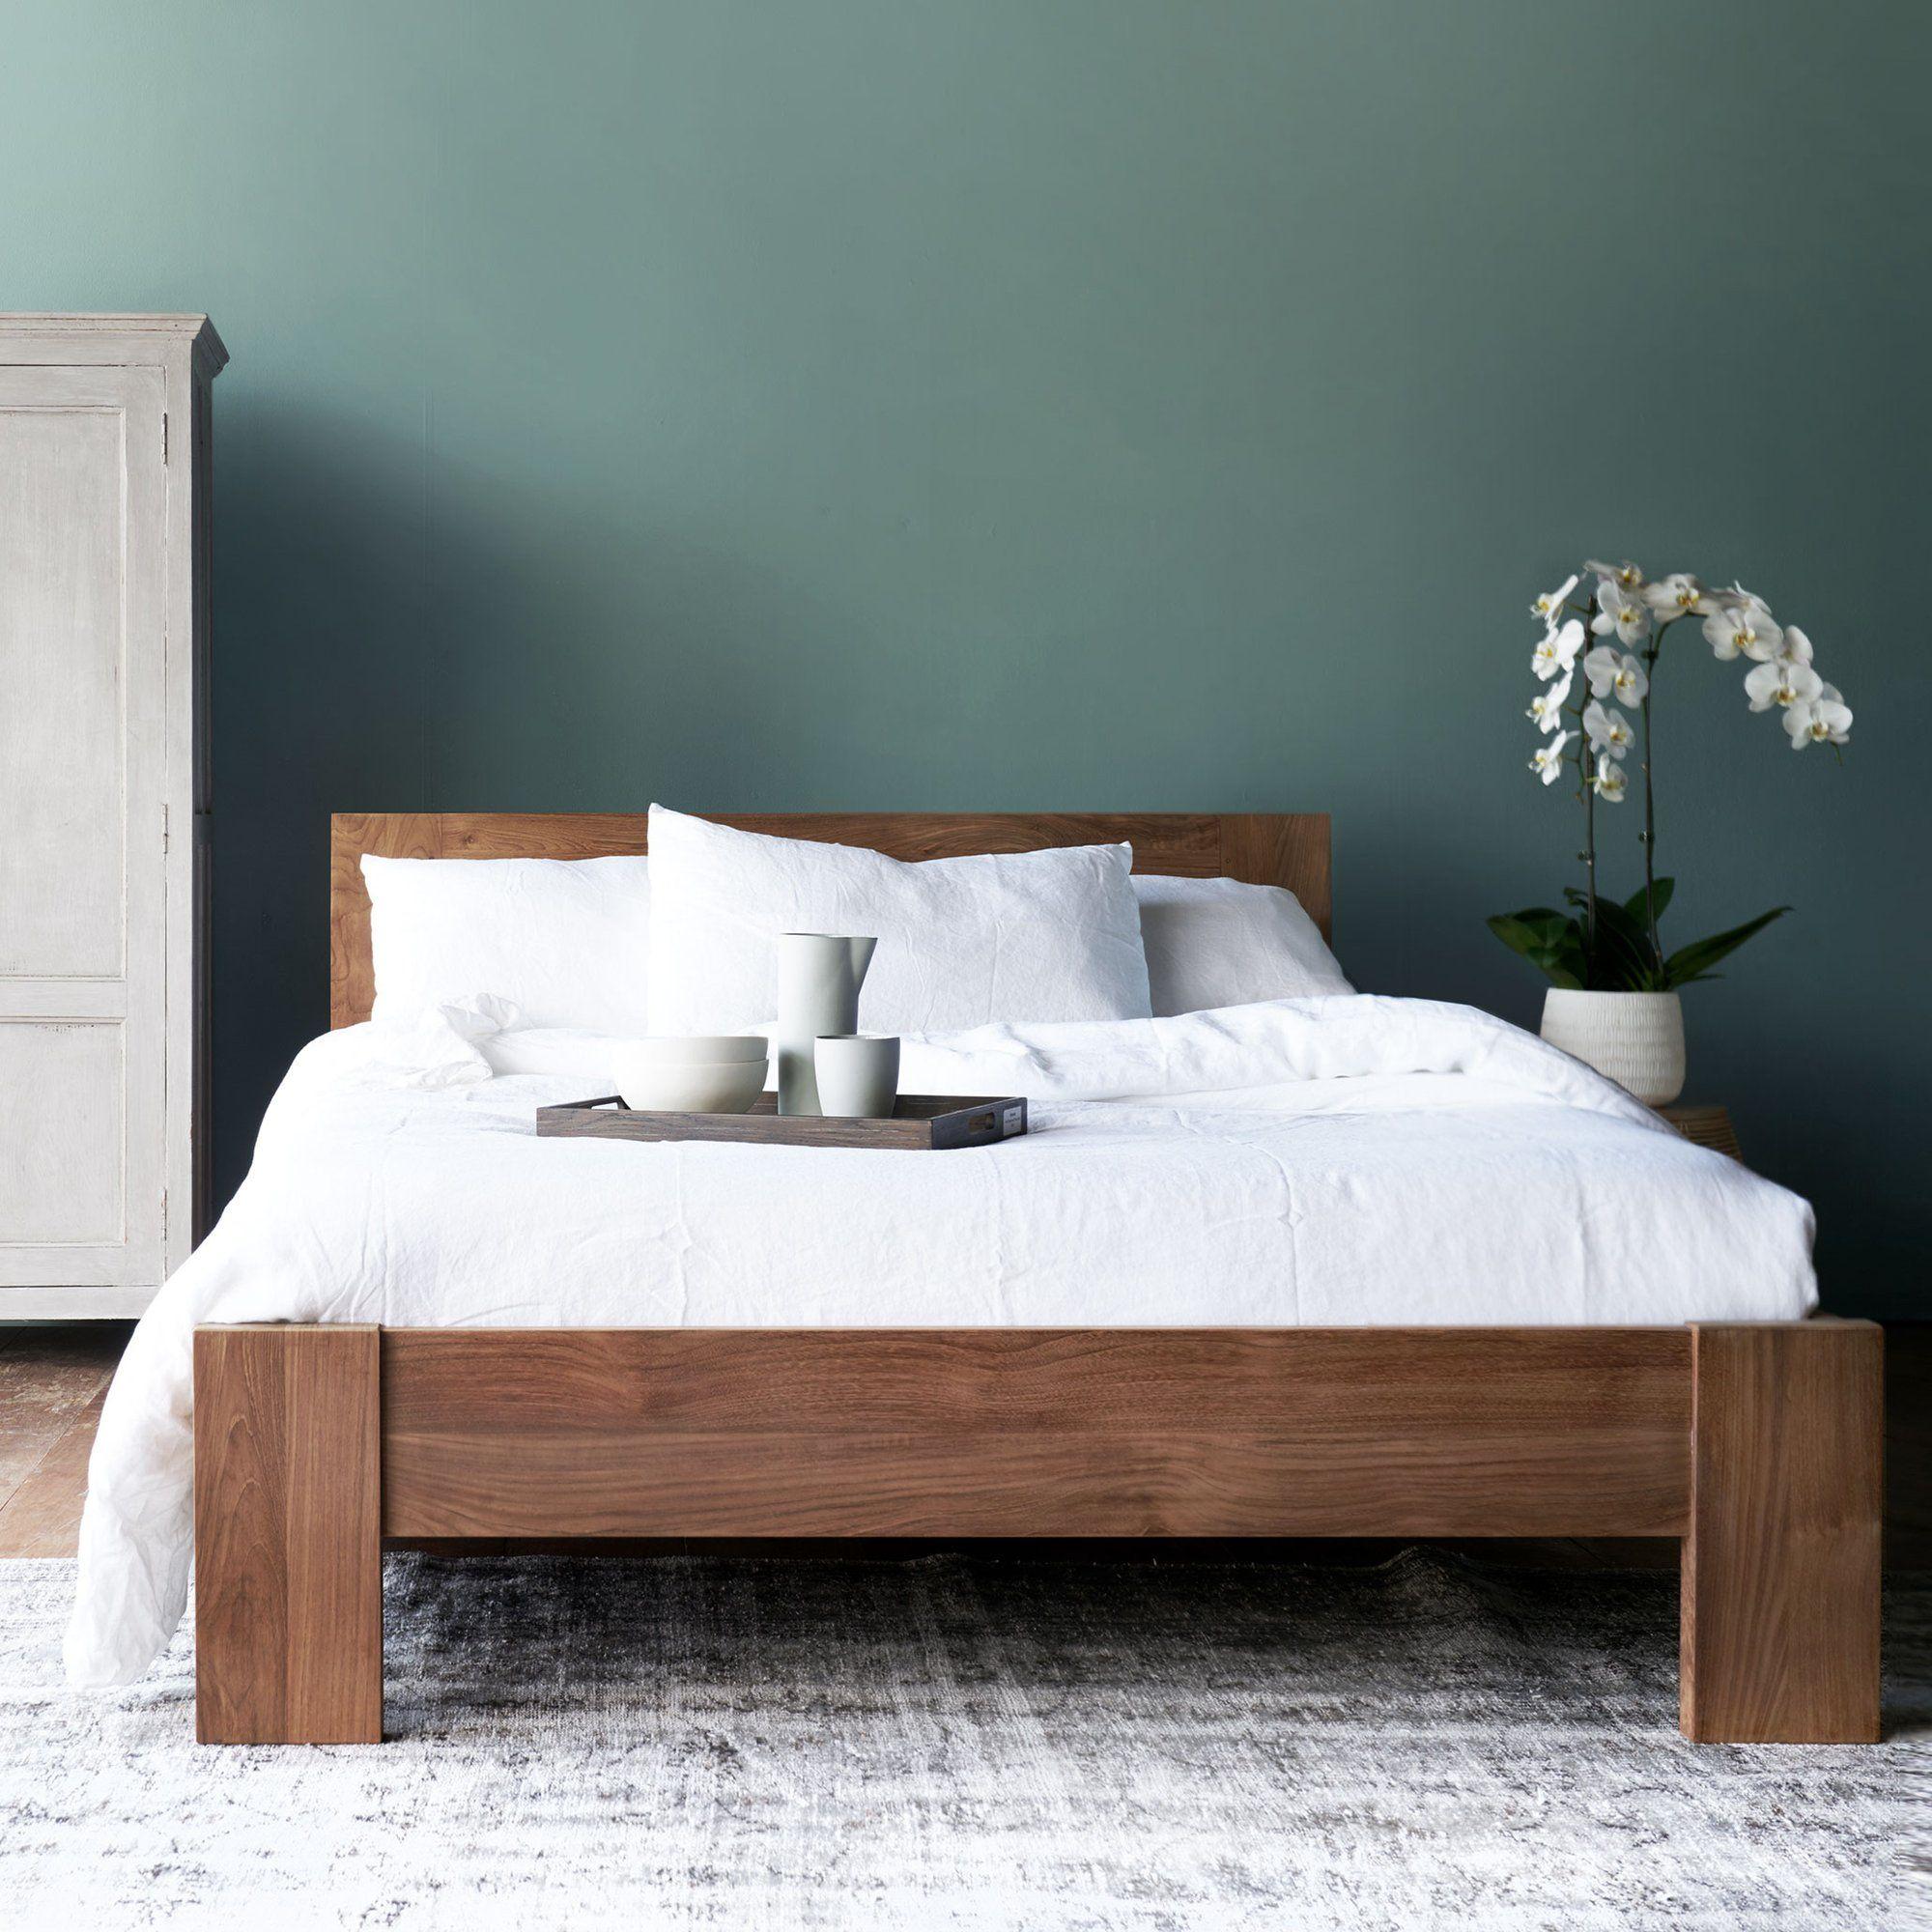 Teak Bed Frame Light Frame Bed In 2020 Bed Frame Making A Bed Frame King Bed Frame